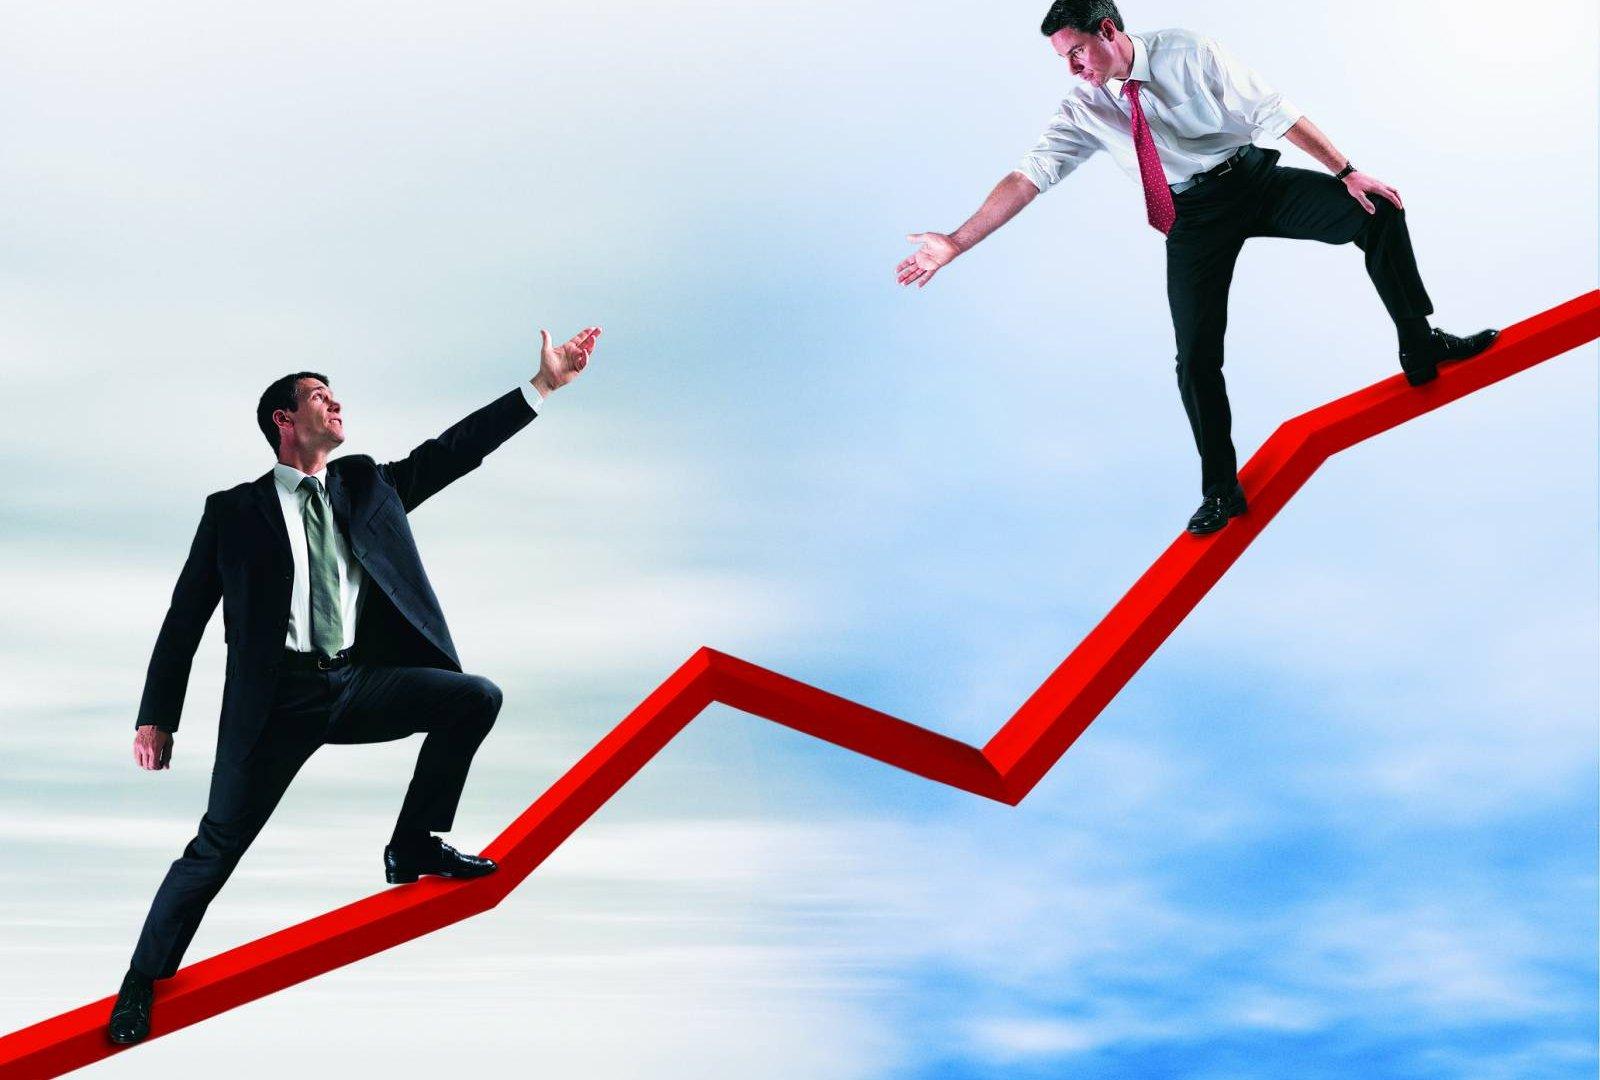 В Приангарье расширен антикризисный пакет мер поддержки бизнеса